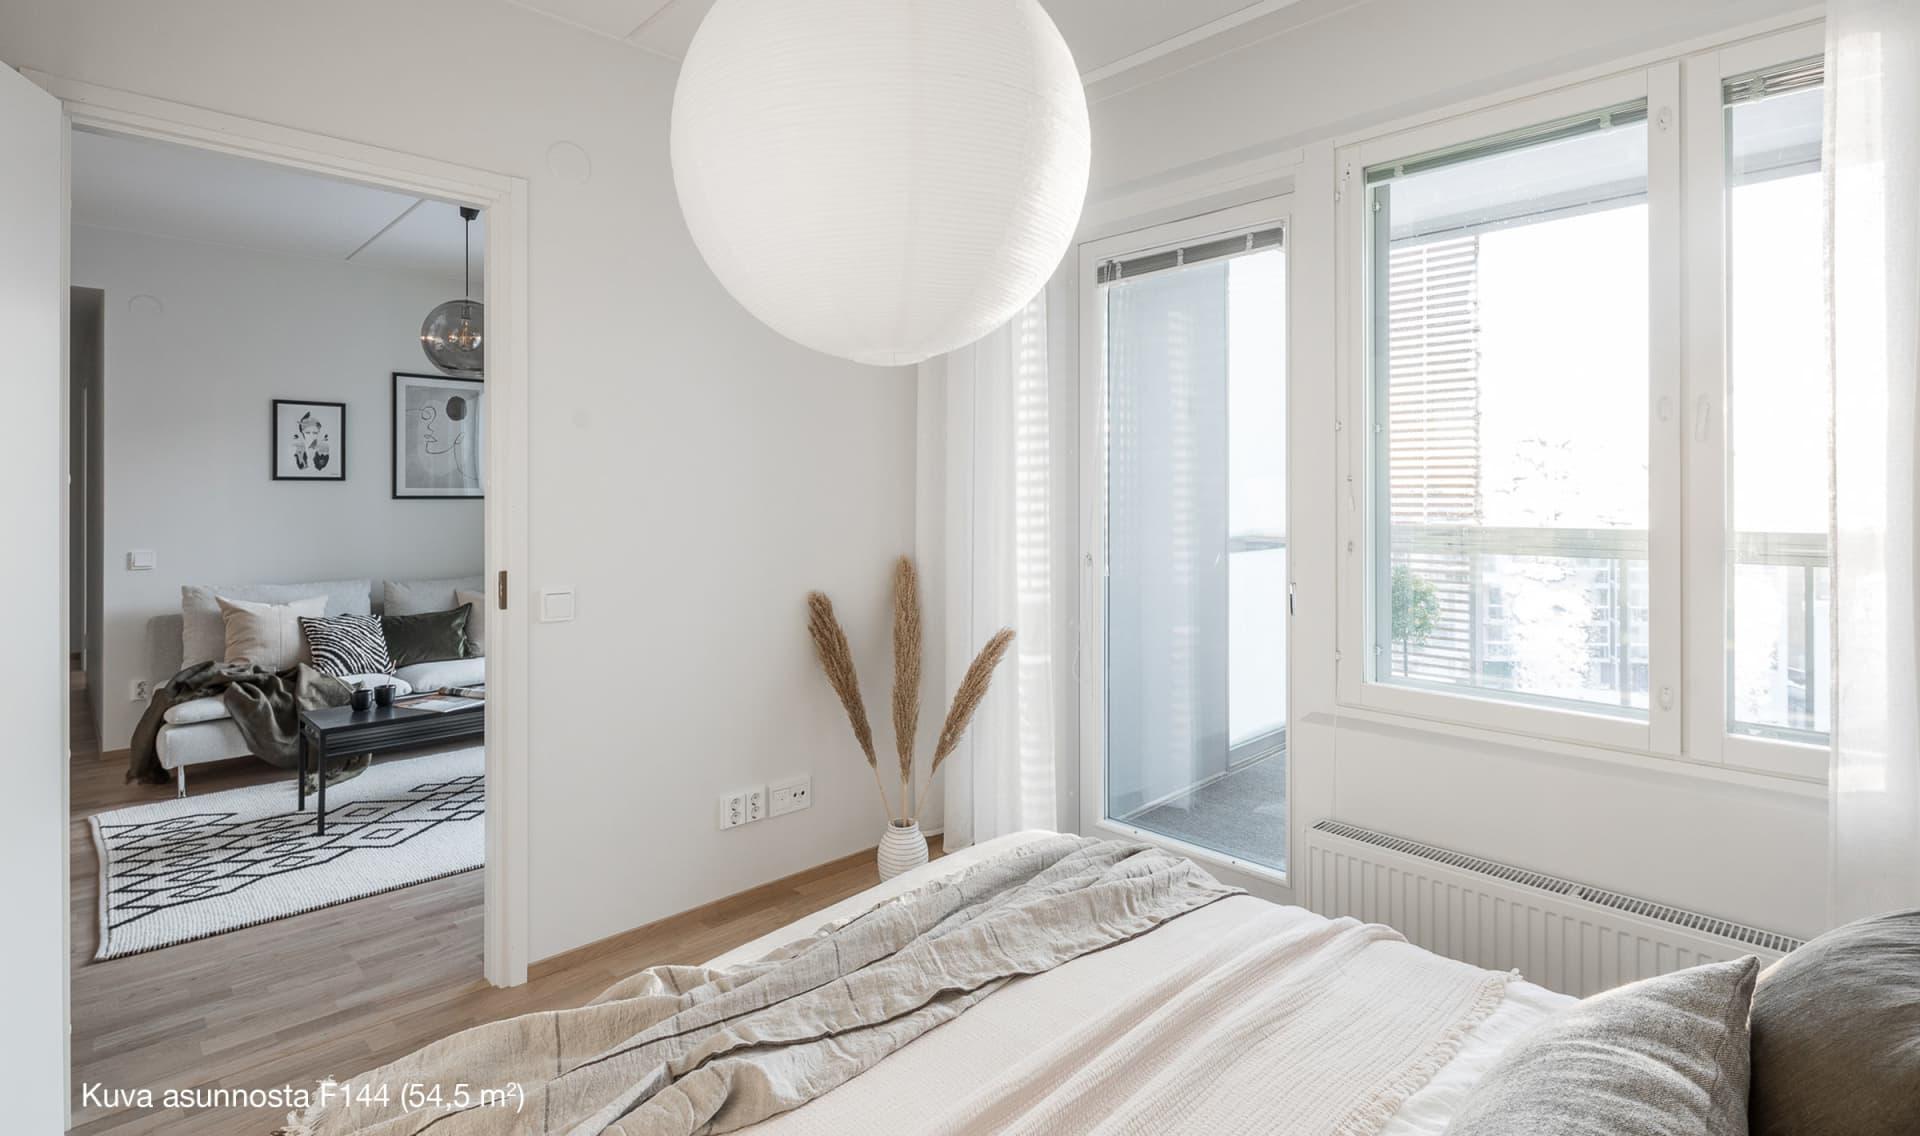 Myytävät asunnot Helsinki, Lauttasaari - Asunto Oy Helsingin Karikukko - YIT